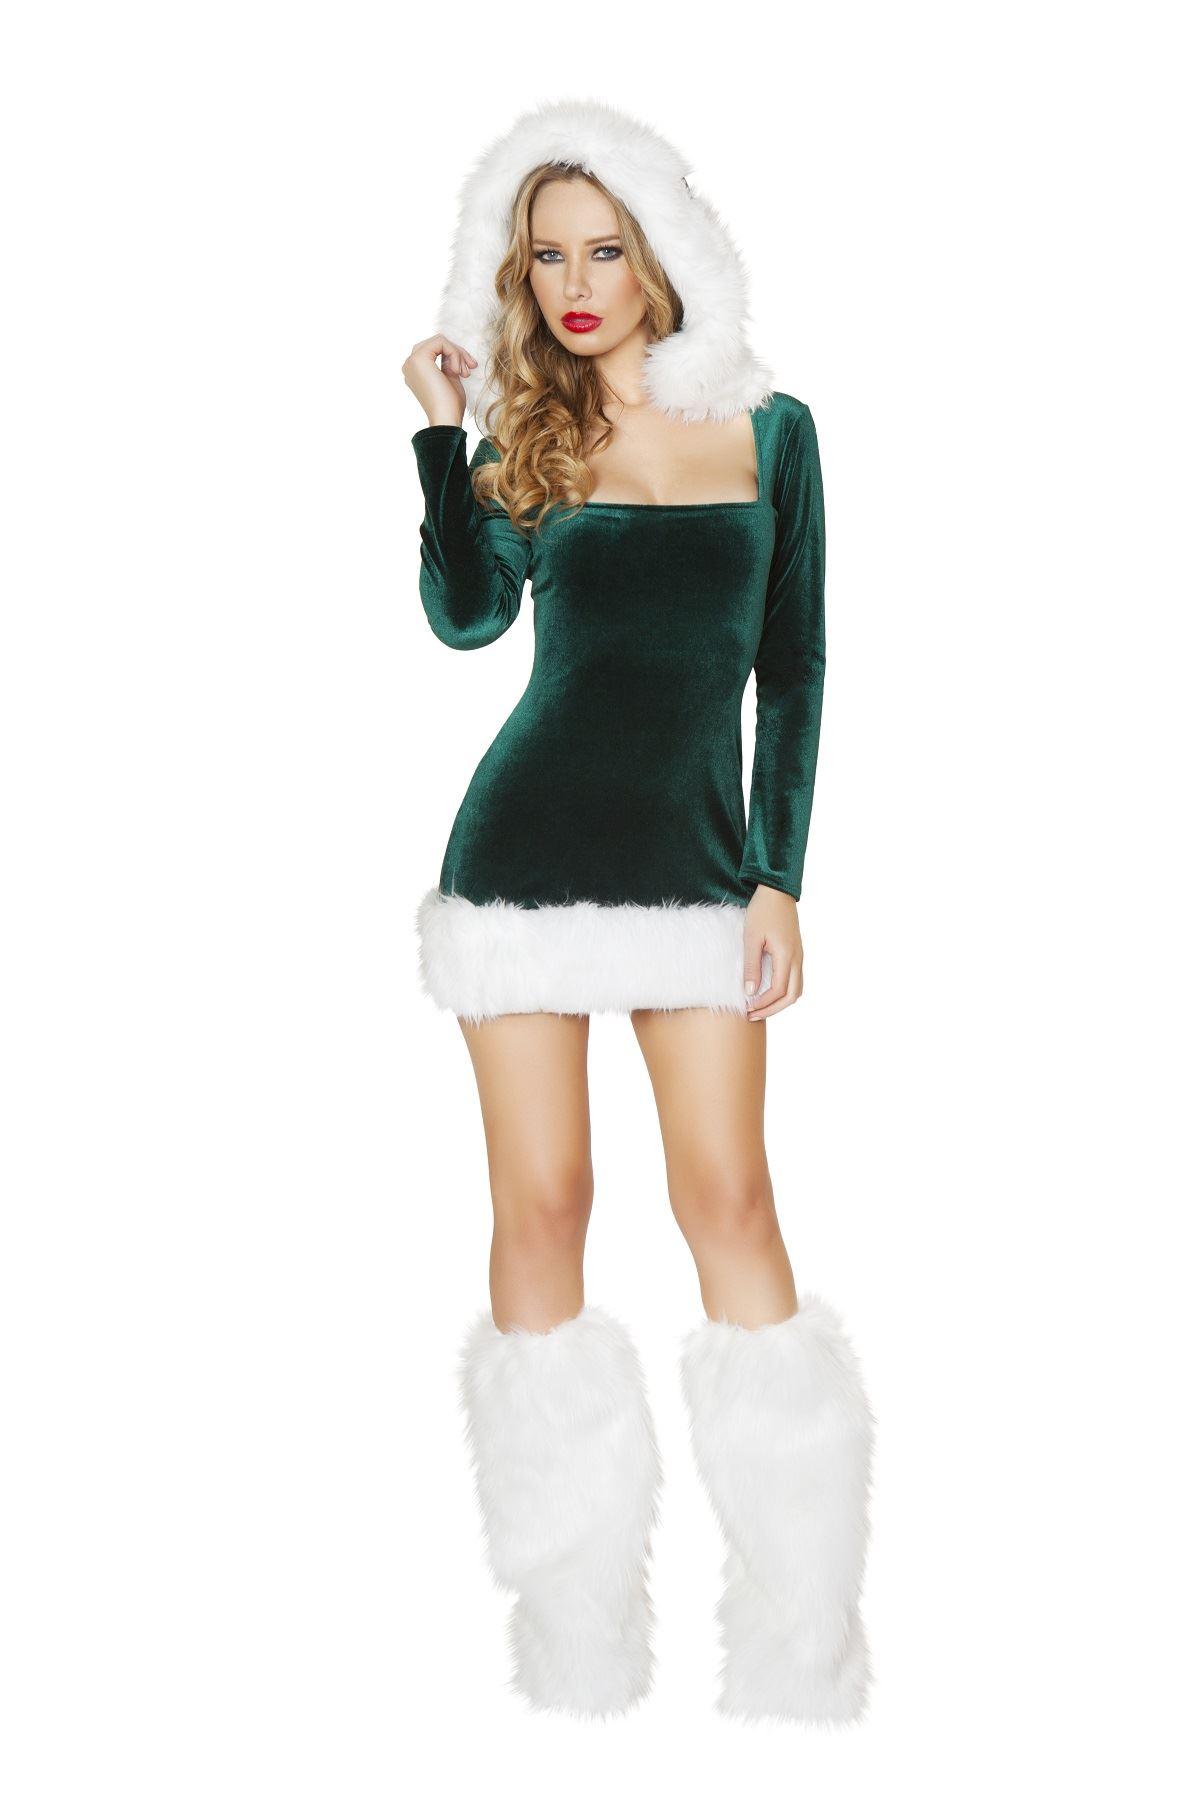 Adult fantasy elf costumes for women erotic scenes